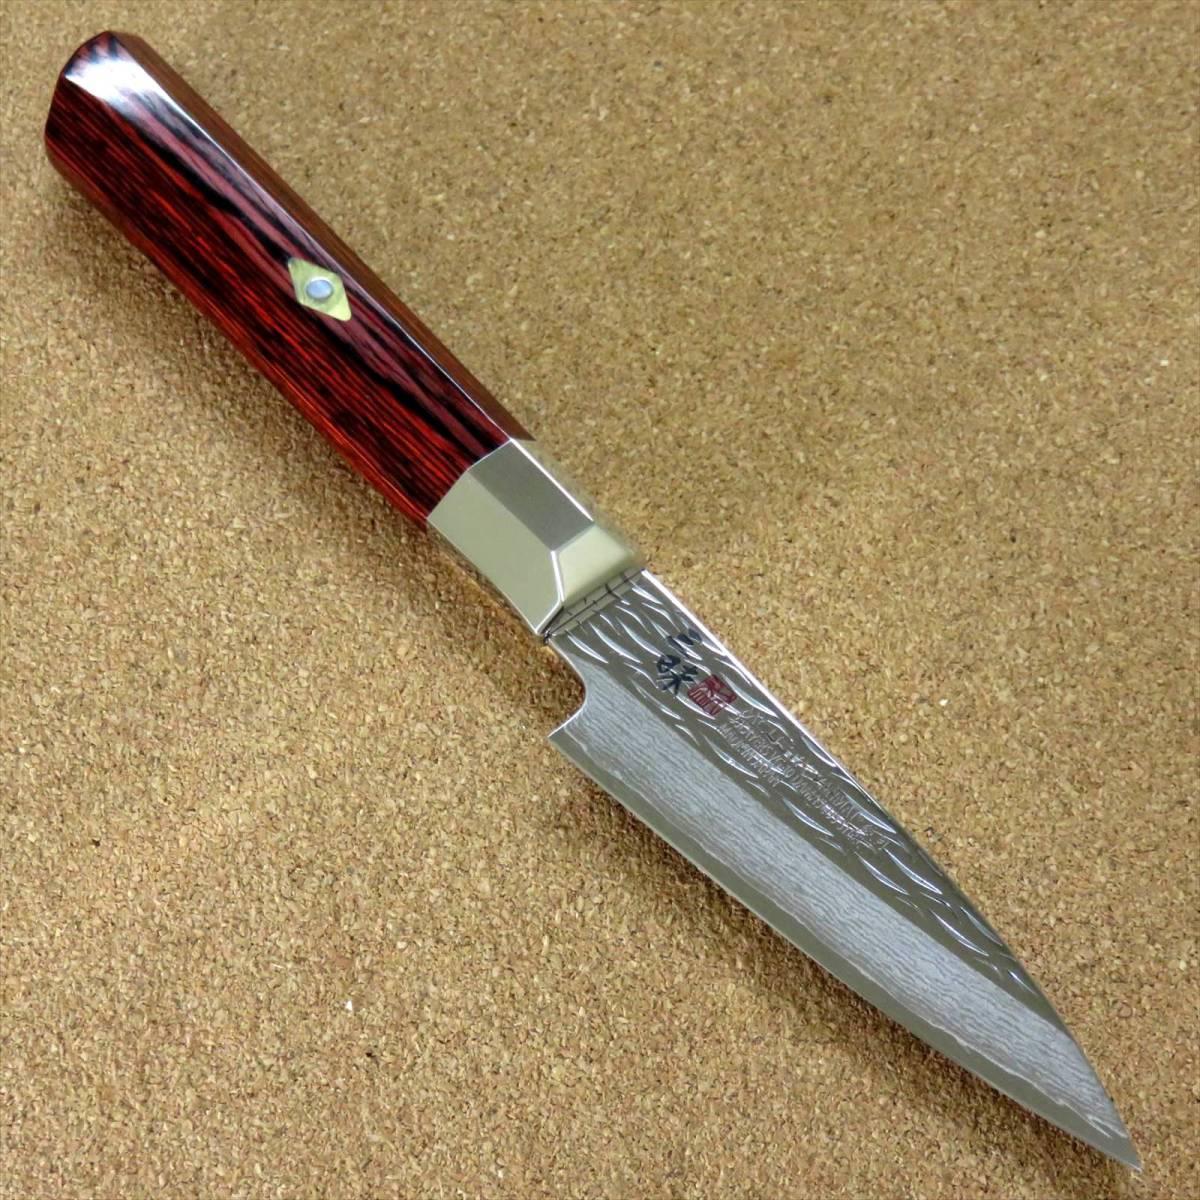 関の刃物 パーリングナイフ 9cm (90mm) 三昧 波目 ダマスカス33層 VG-10 ステンレス 赤合板 果物の皮剥き 種子を除去 両刃小型包丁 日本製_画像1